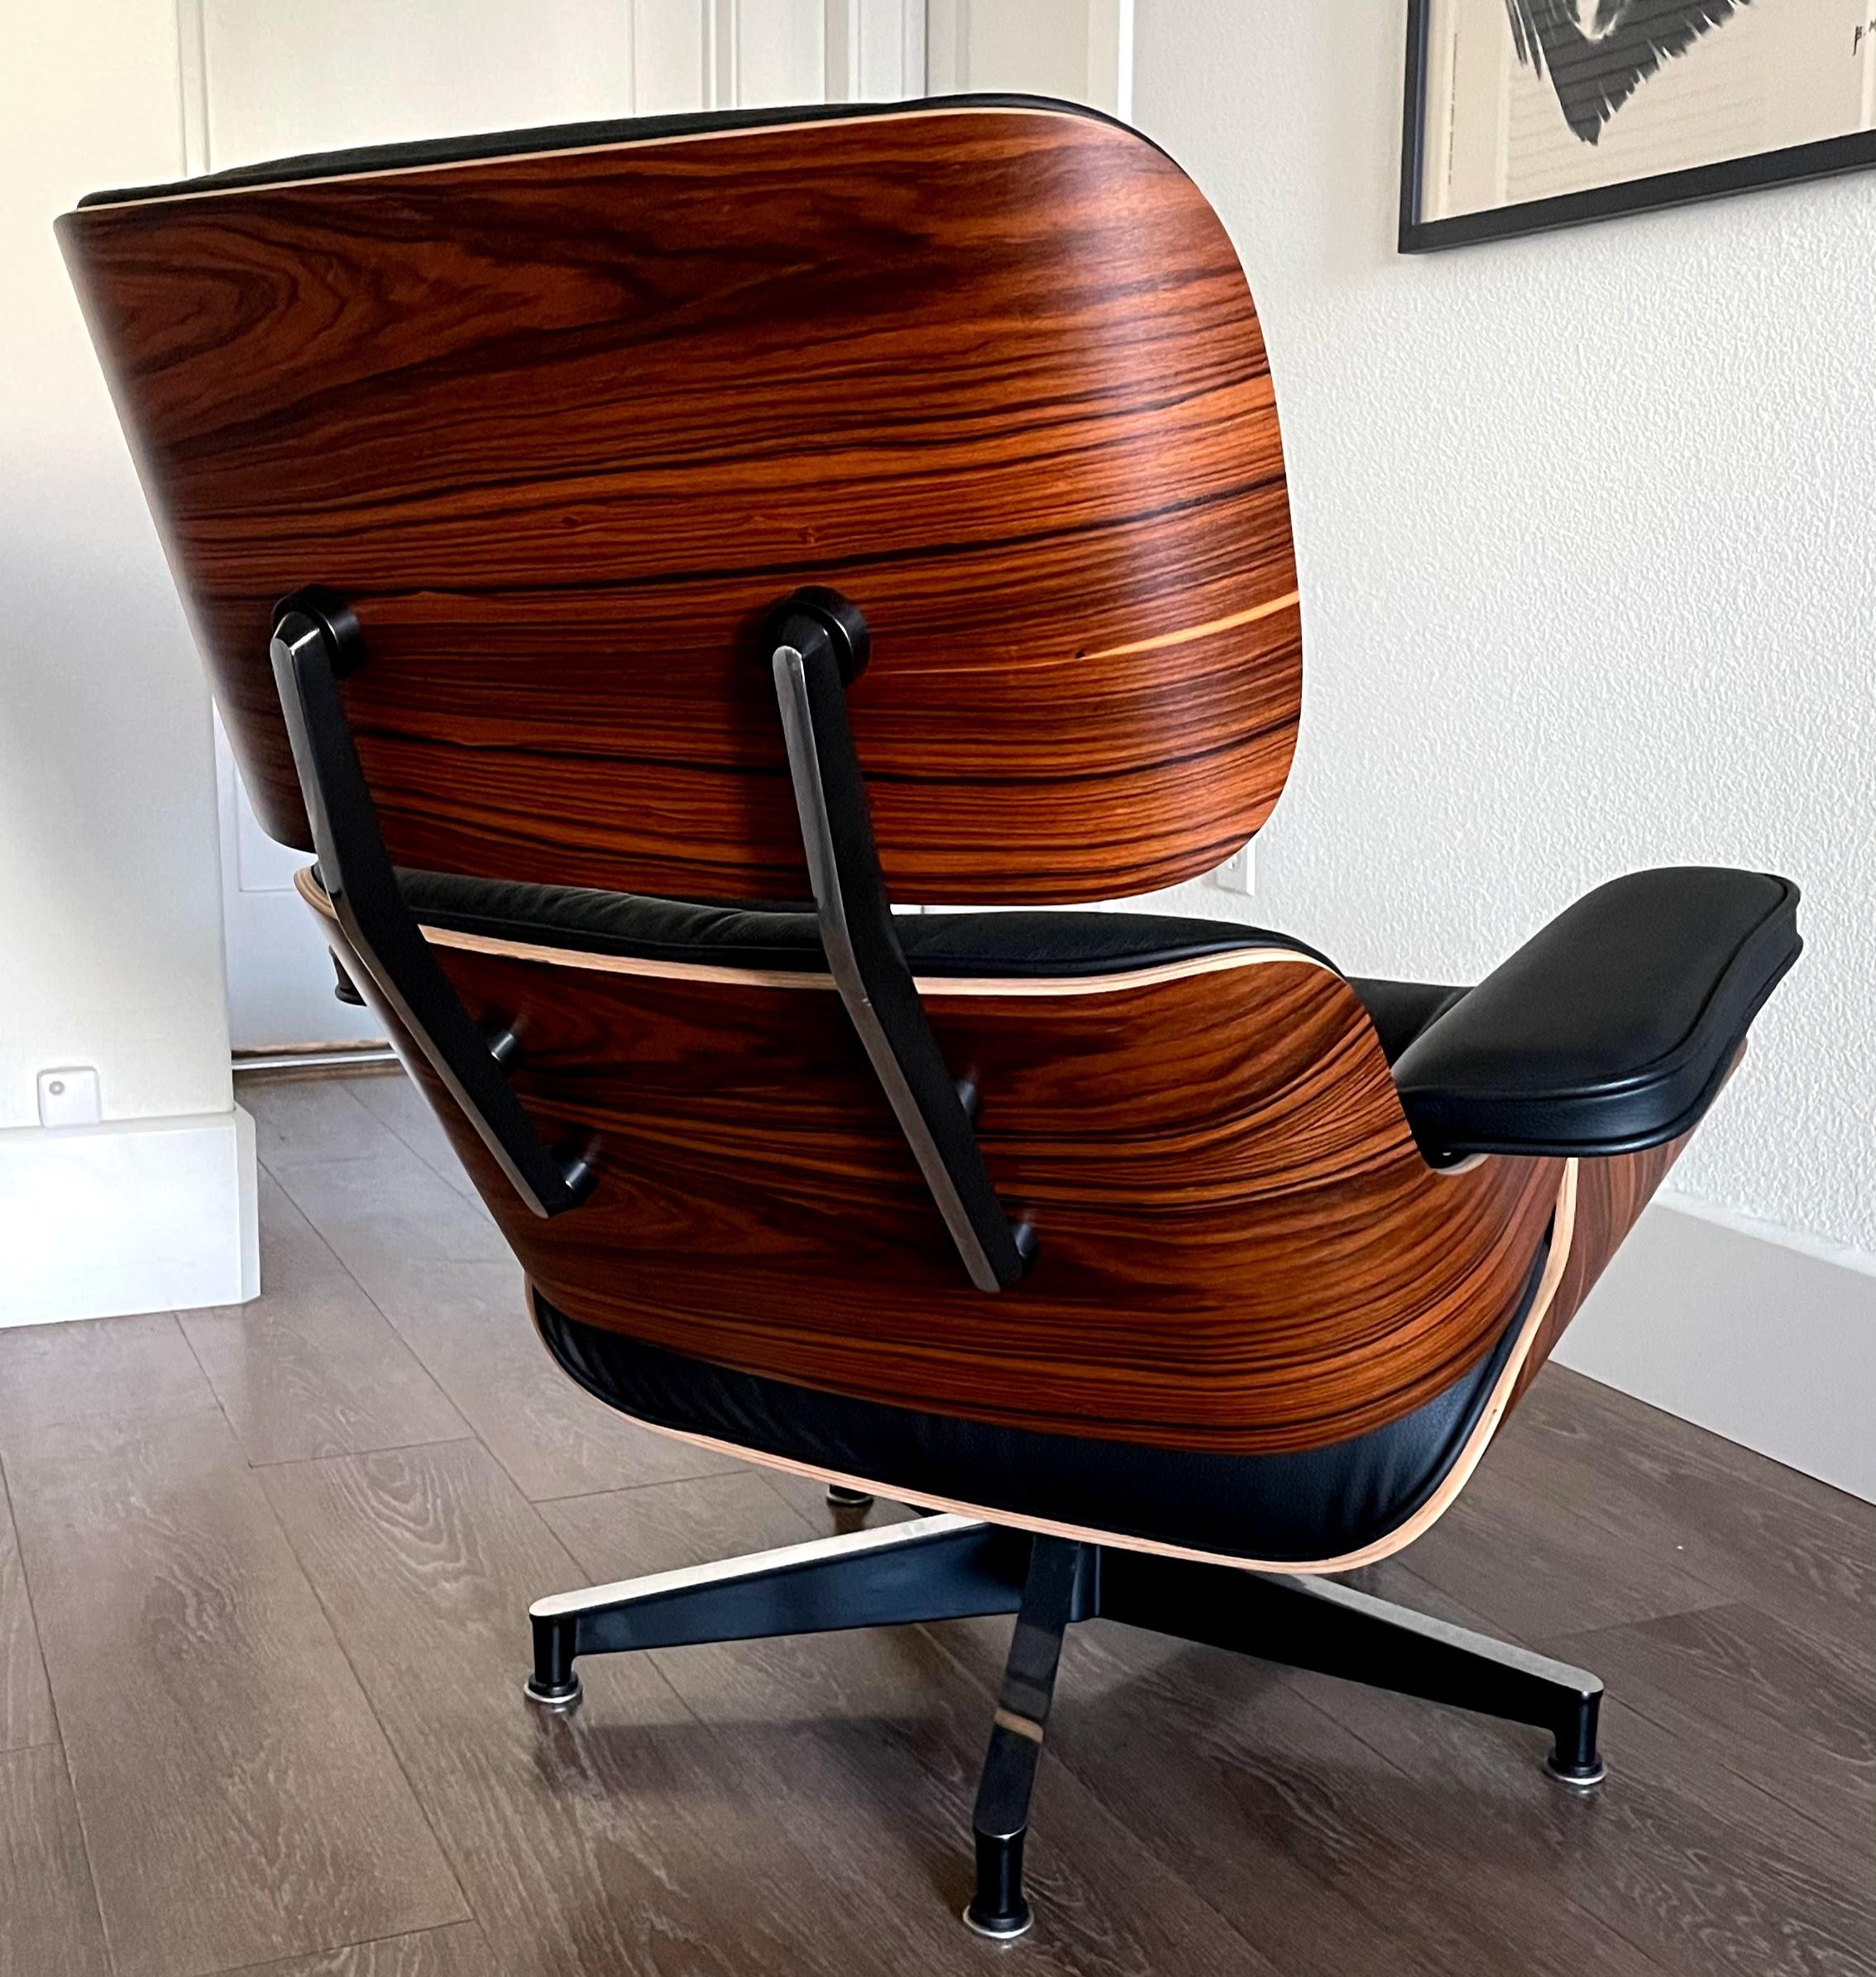 Black 2019 Herman Miller Eames Lounge Chair & Ottoman